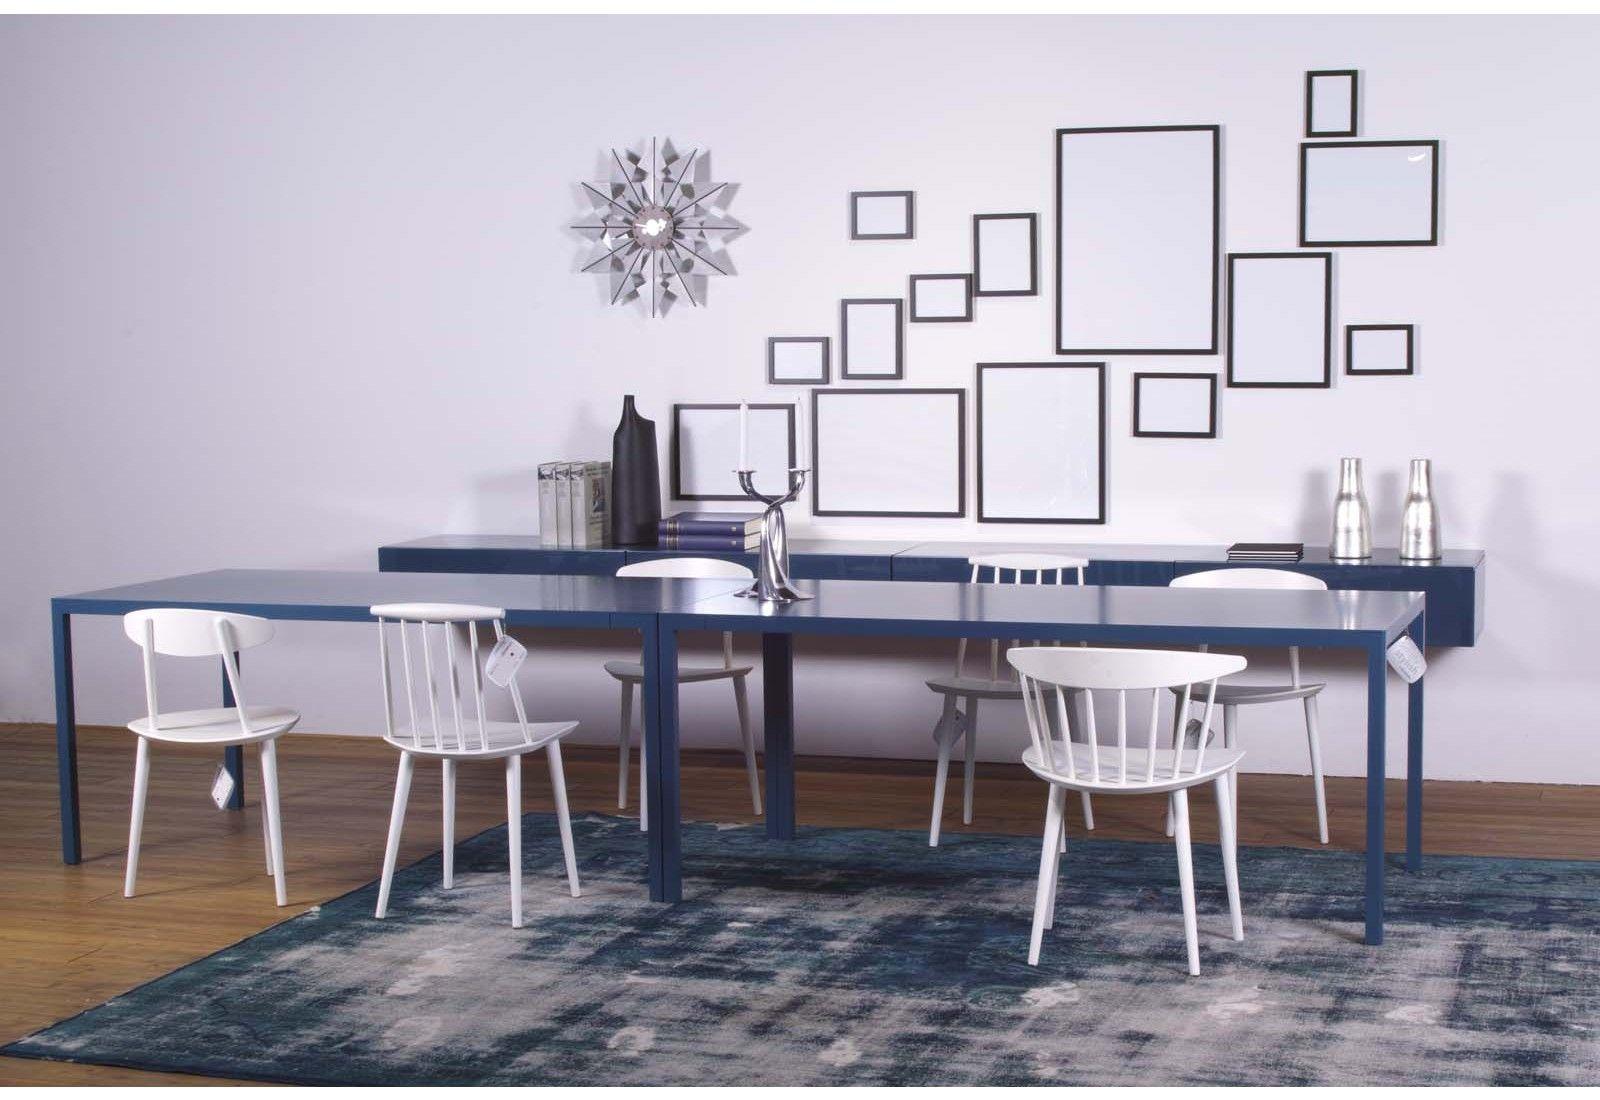 Designer Stuhle Wie Stuhl J107 Hay Bietet Dieeinrichter Outlet Stuhl Design Stuhle Designer